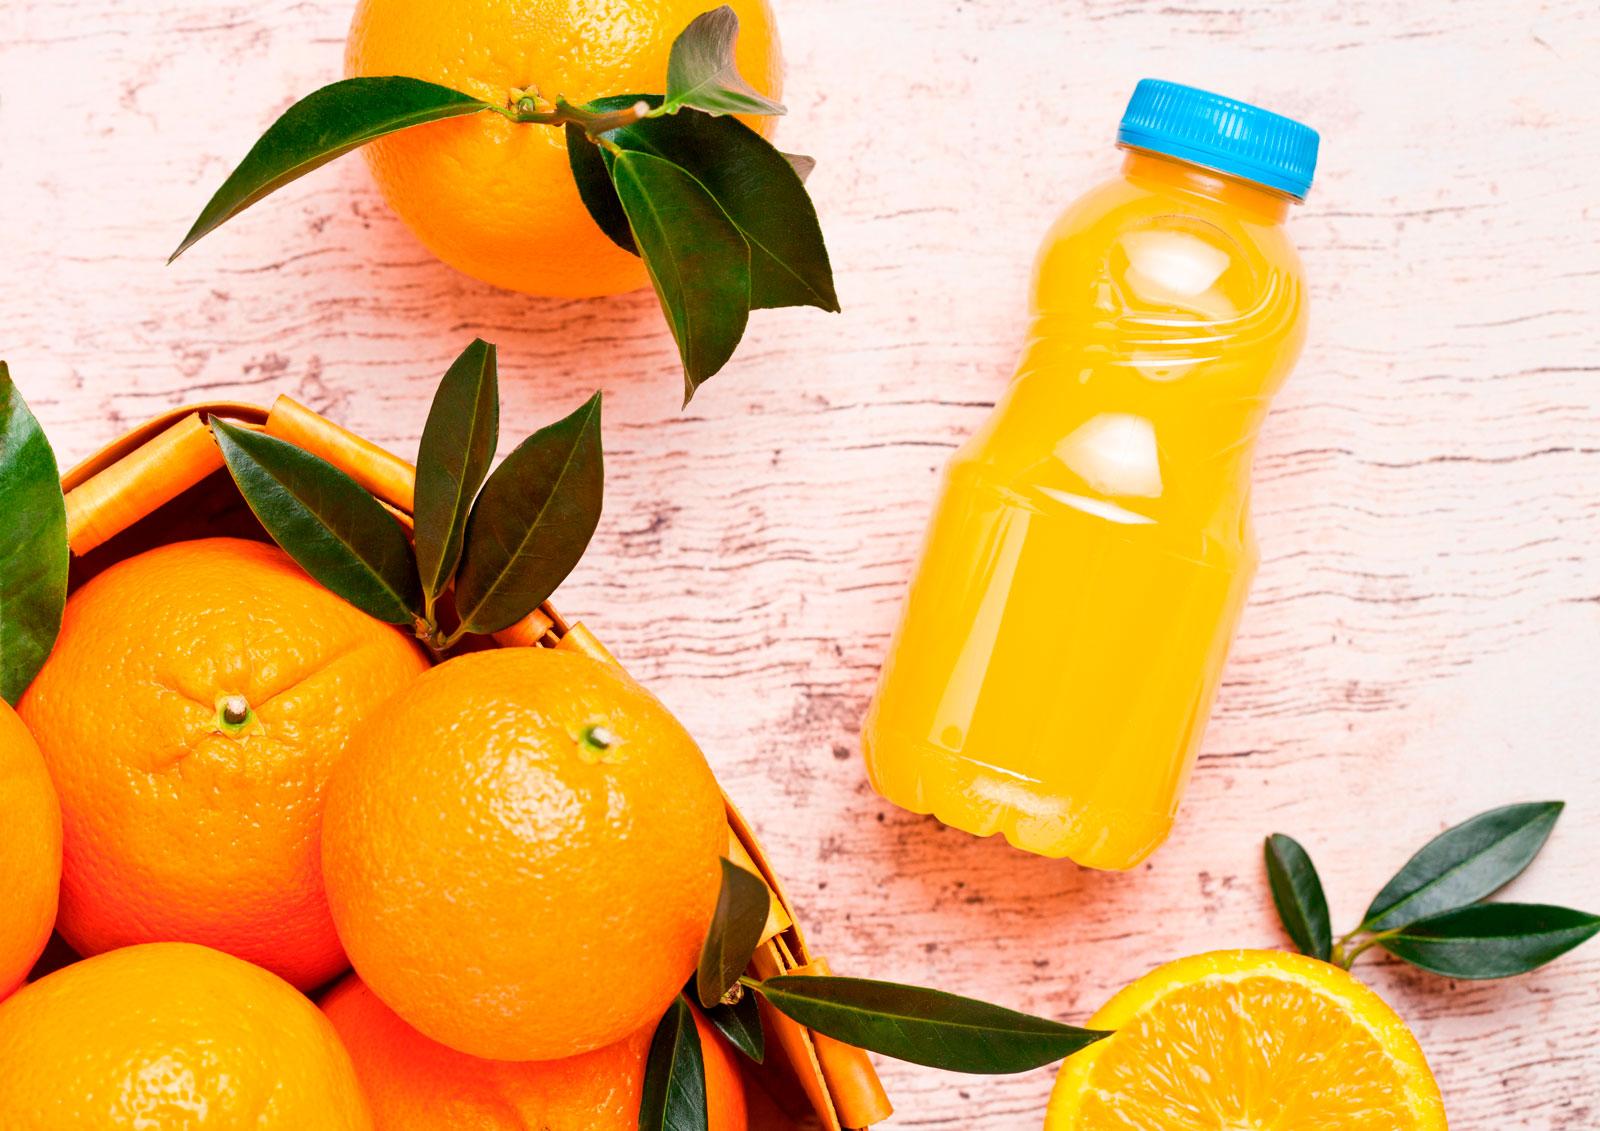 Estudo de quatro anos conclui que beber suco de laranja 100% não está relacionado ao excesso de ganho de peso em crianças e adolescentes